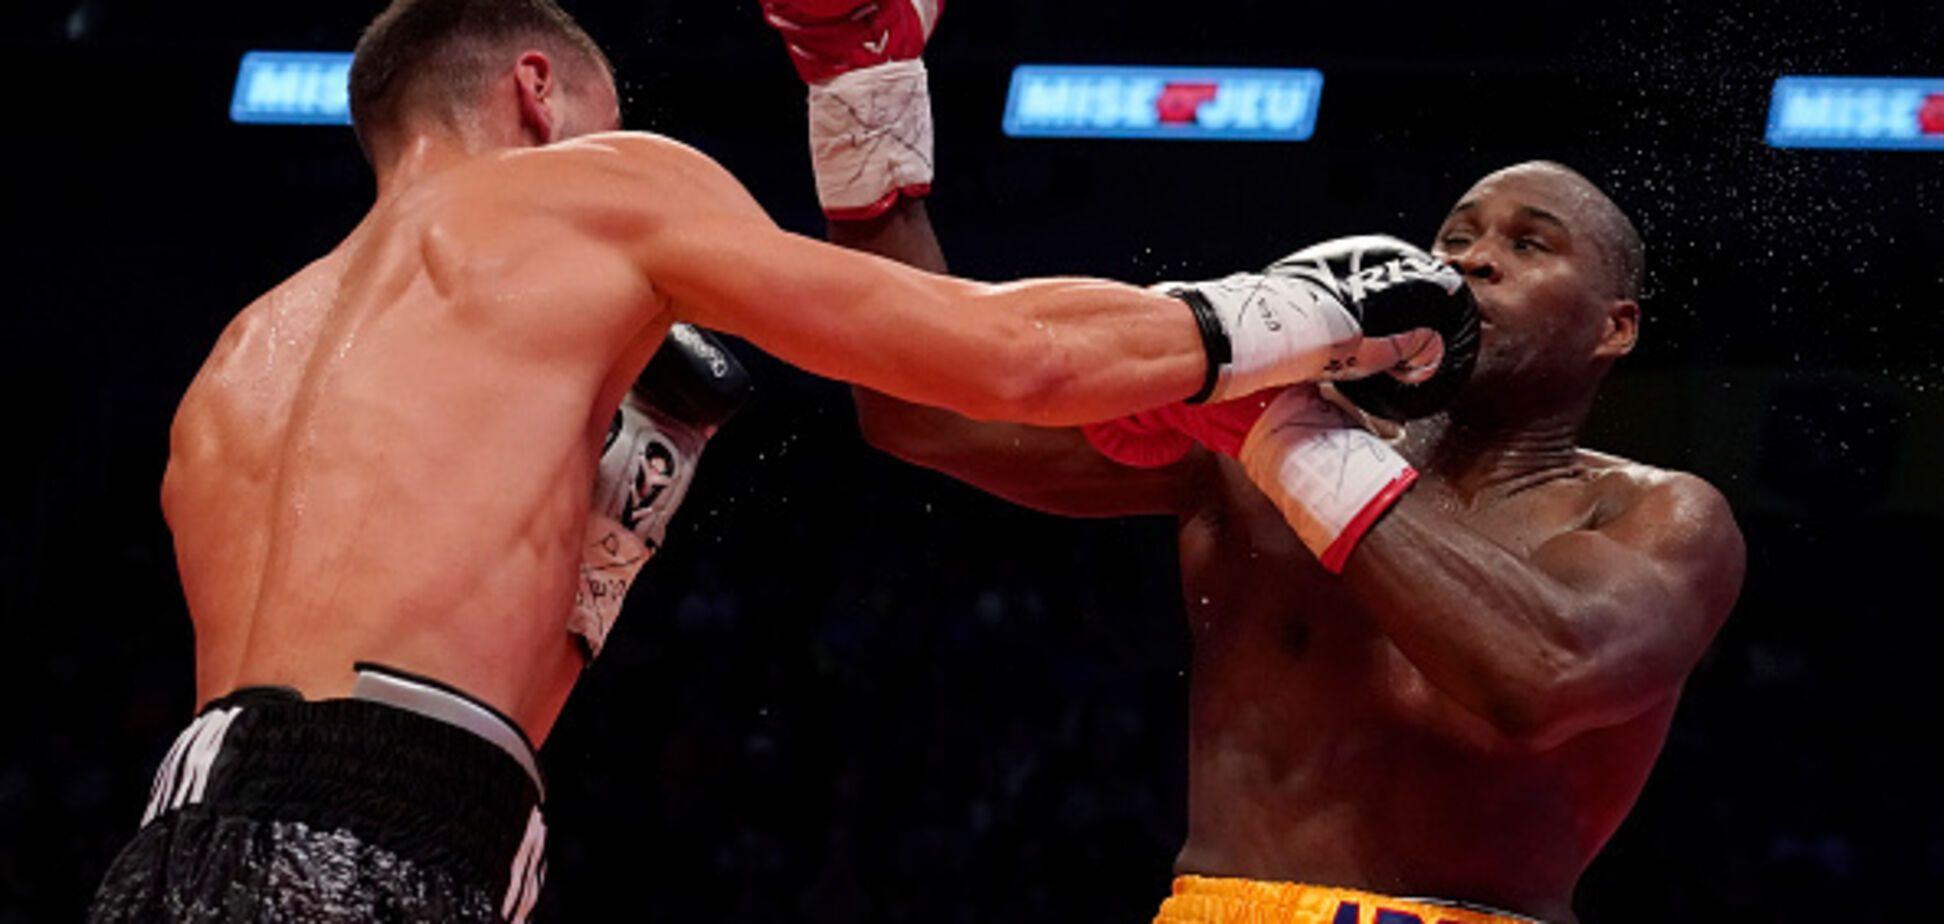 В критическом состоянии: нокаутированный Гвоздиком боксер в реанимации